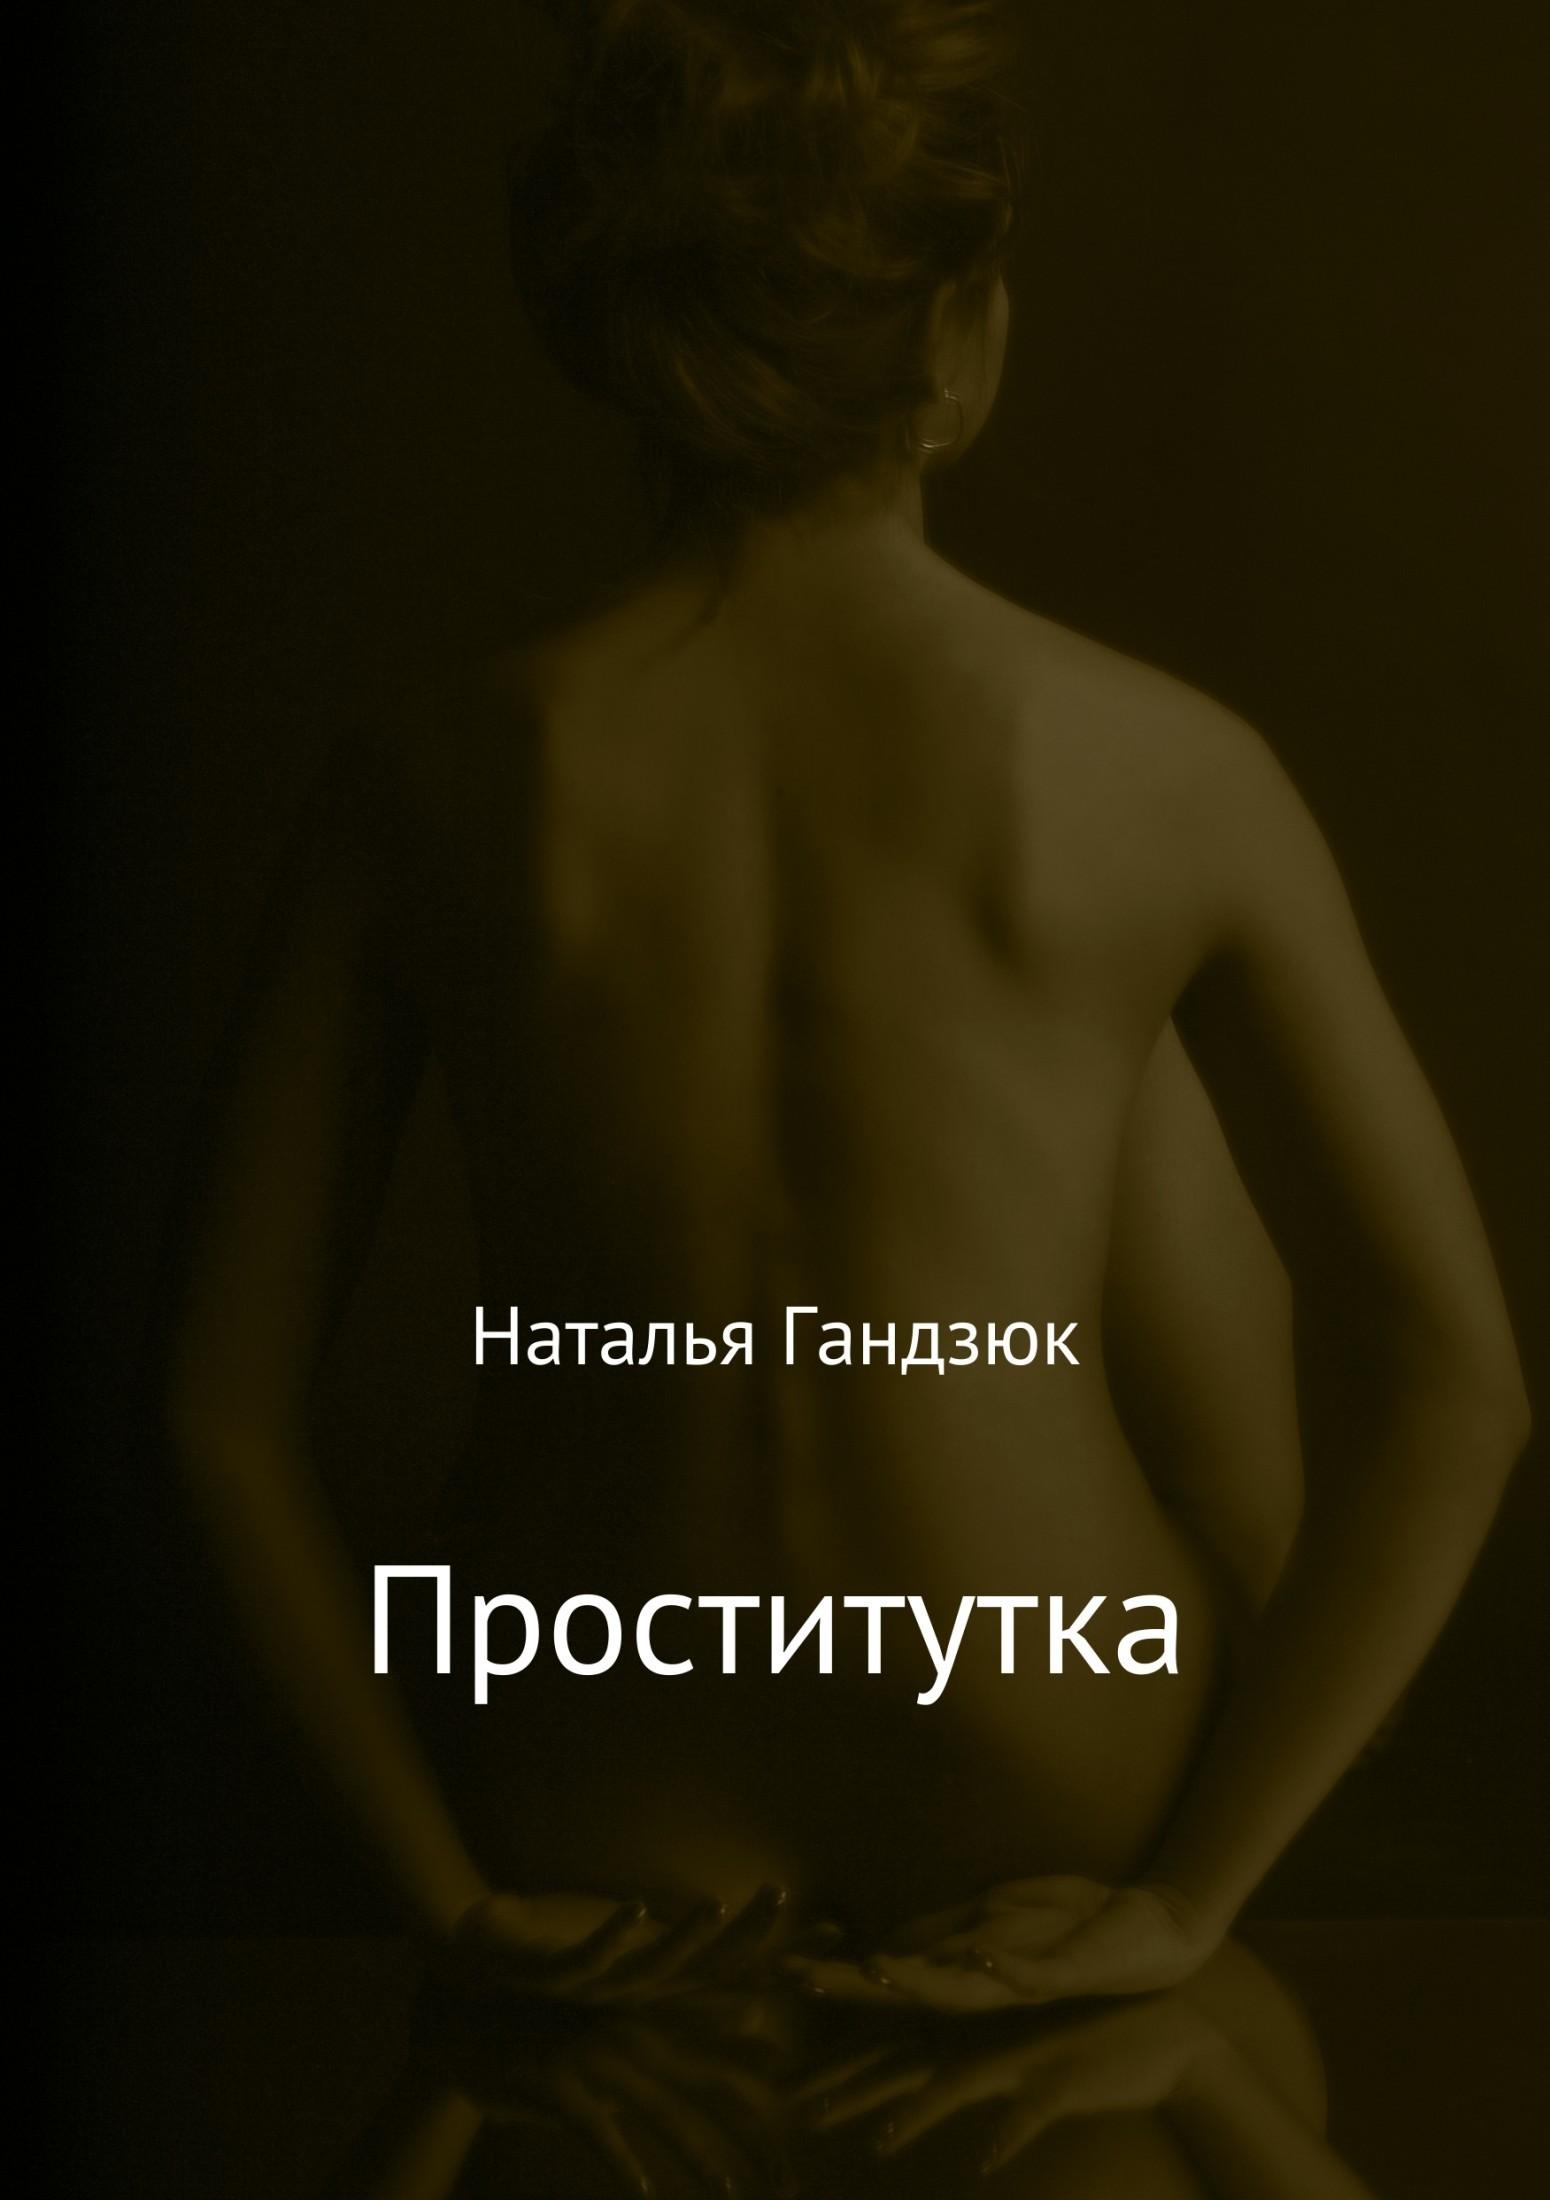 Наталья Игоревна Гандзюк Проститутка lixada обнаженный цвет